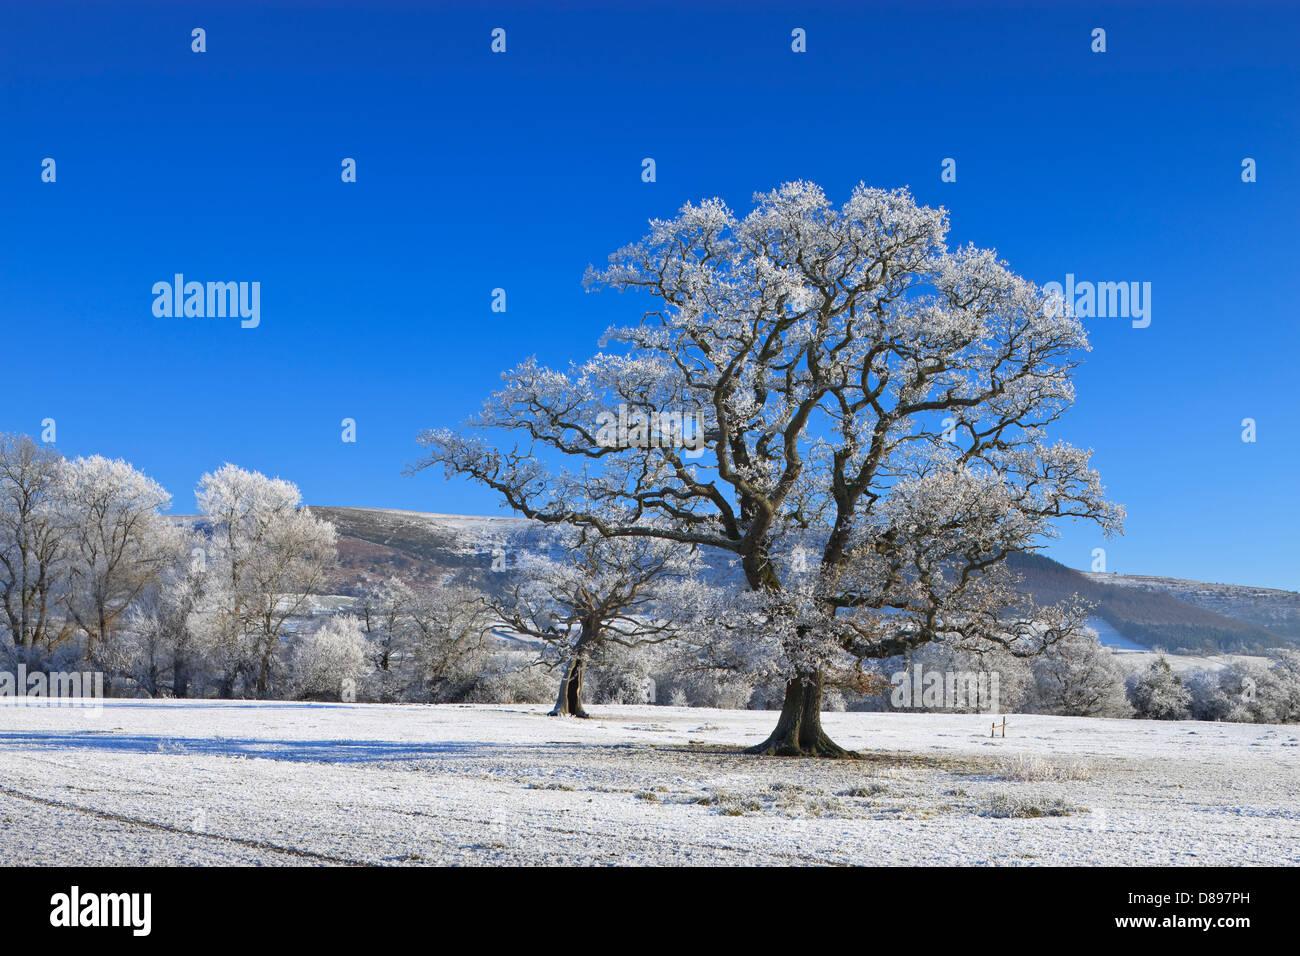 Ländlichen Brecon Beacons Powys Wales im winter Stockbild